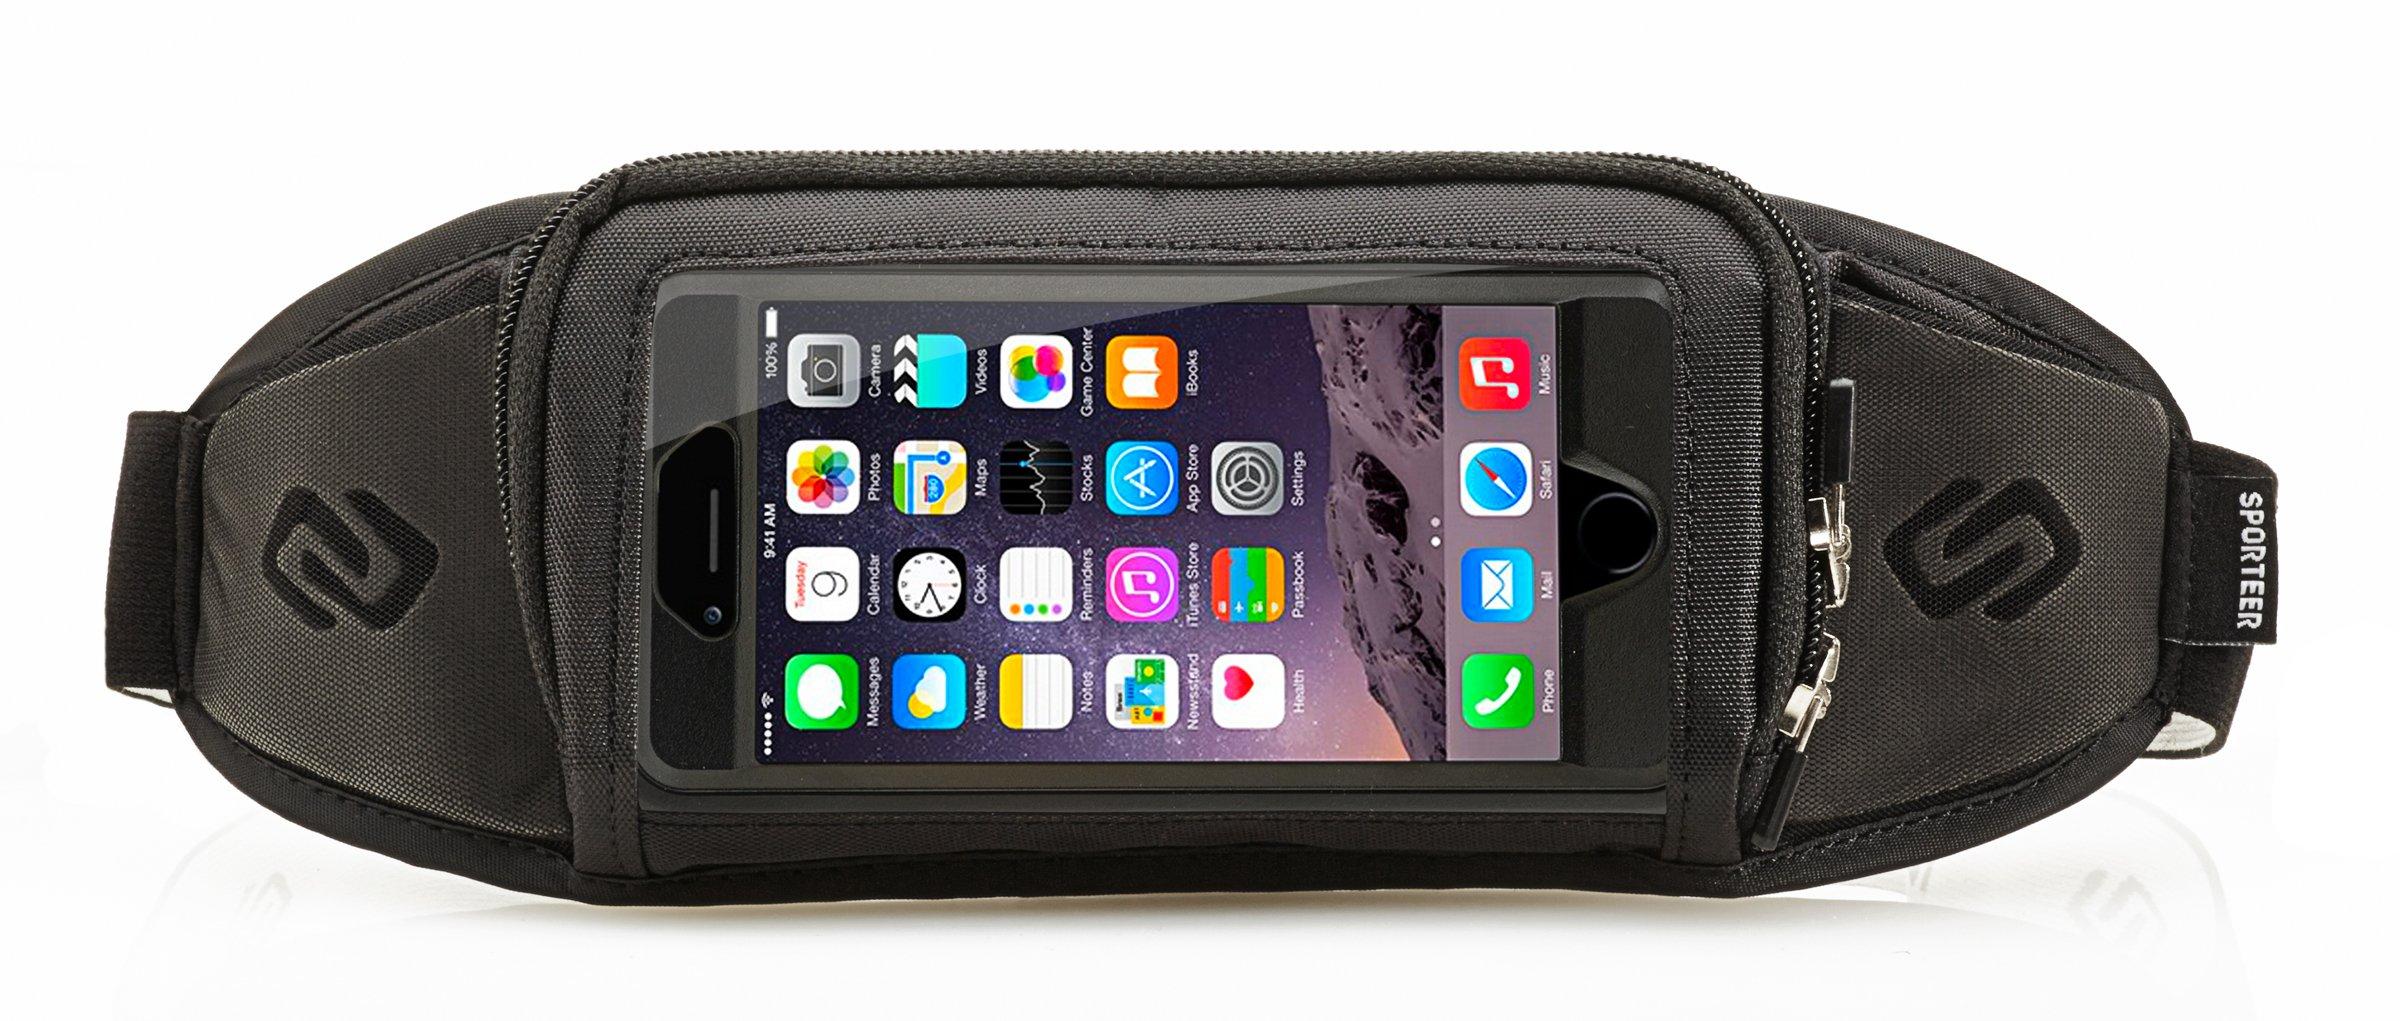 Sporteer Kinetic K1 Running Belt for iPhone XR